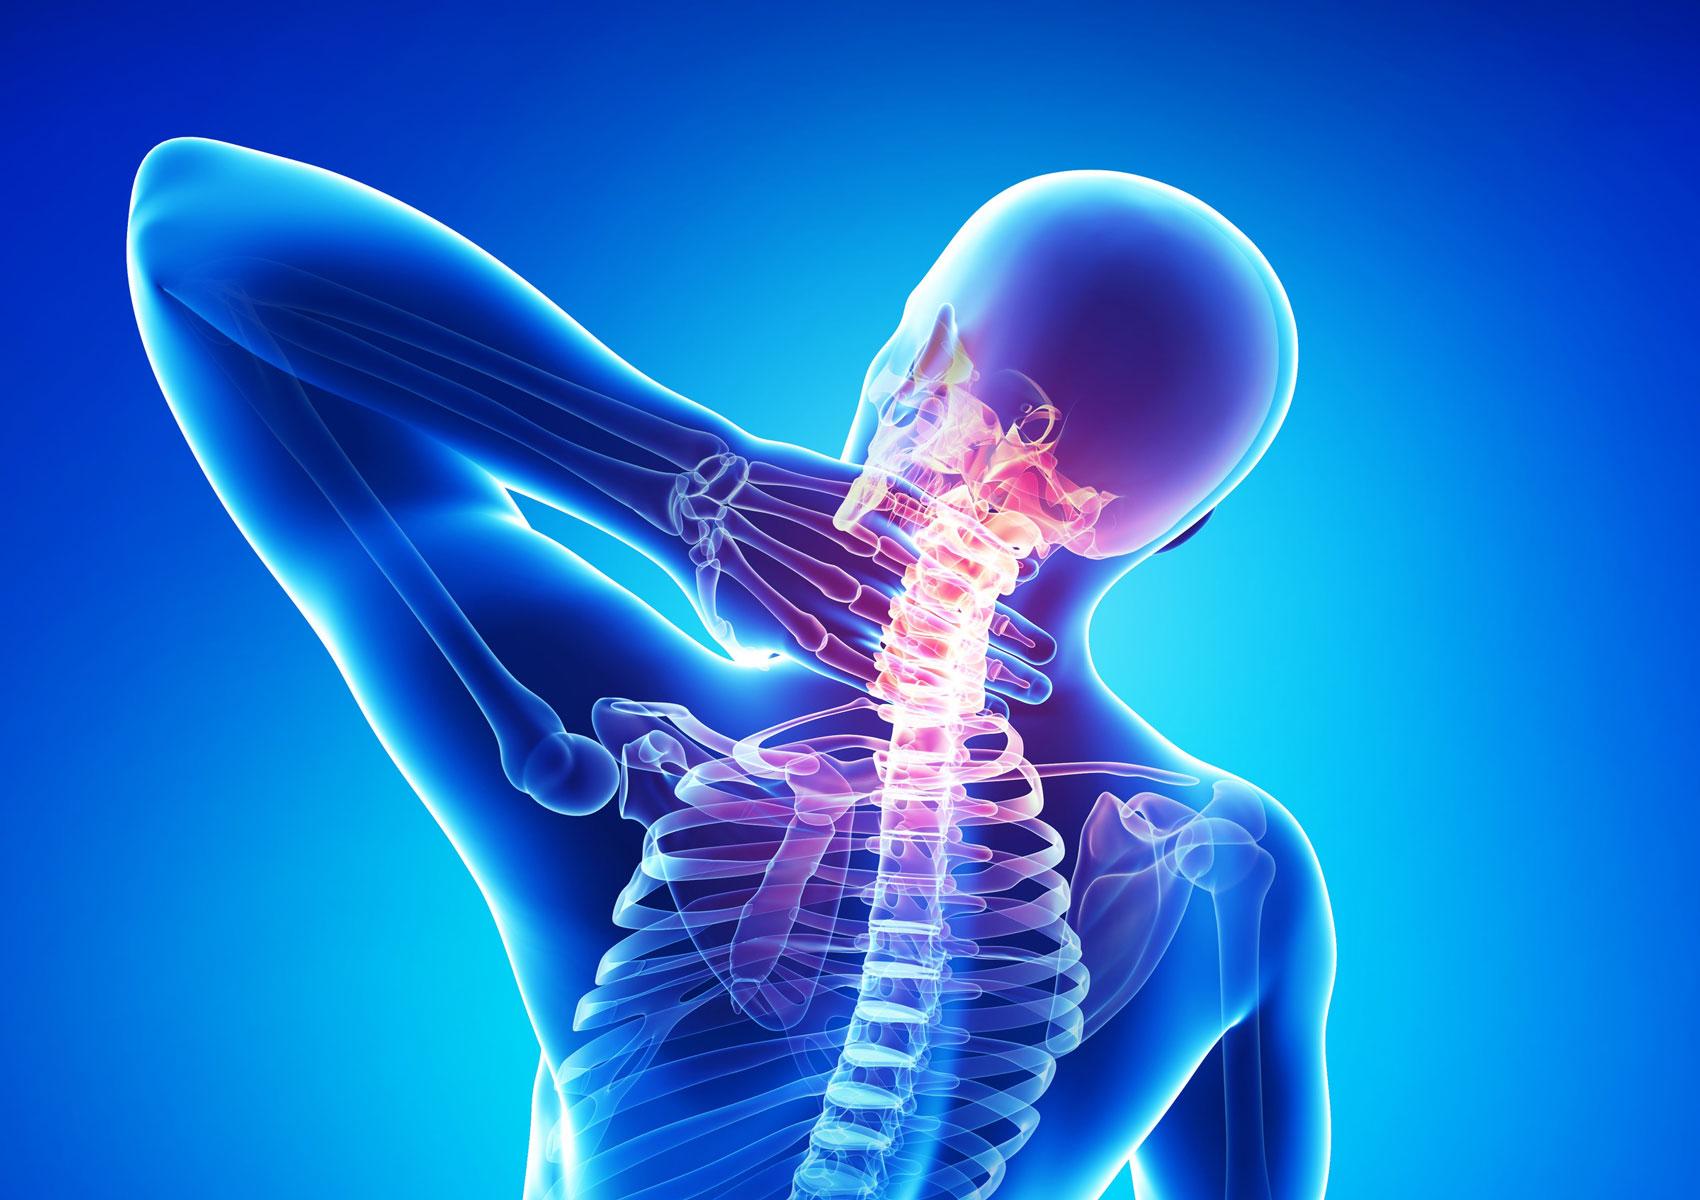 разделяю остеохондроз шейного отдела позвоночника врач думаю